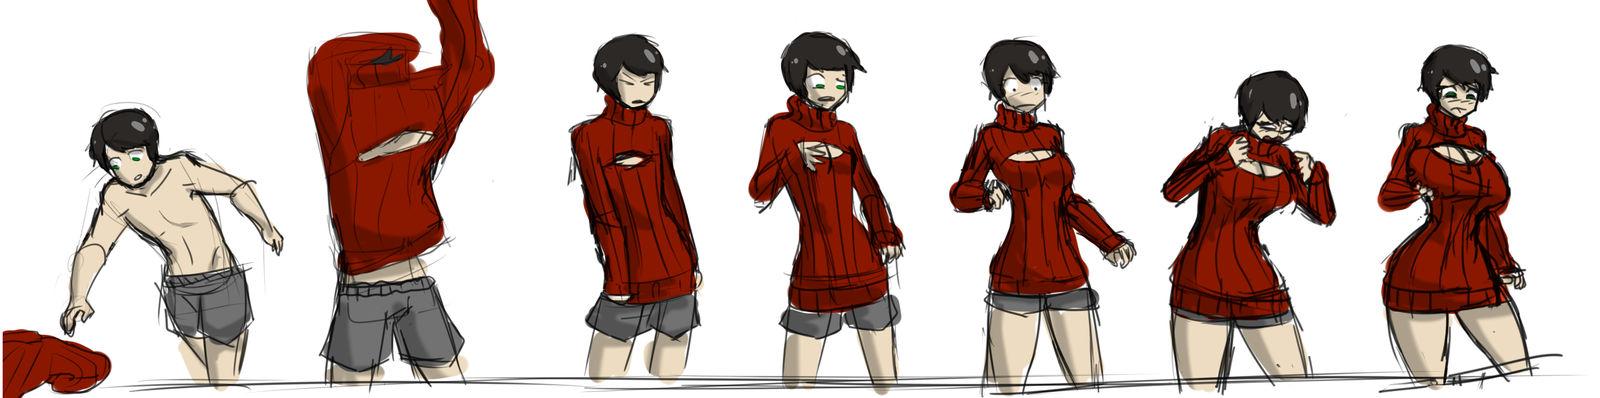 sweater tg